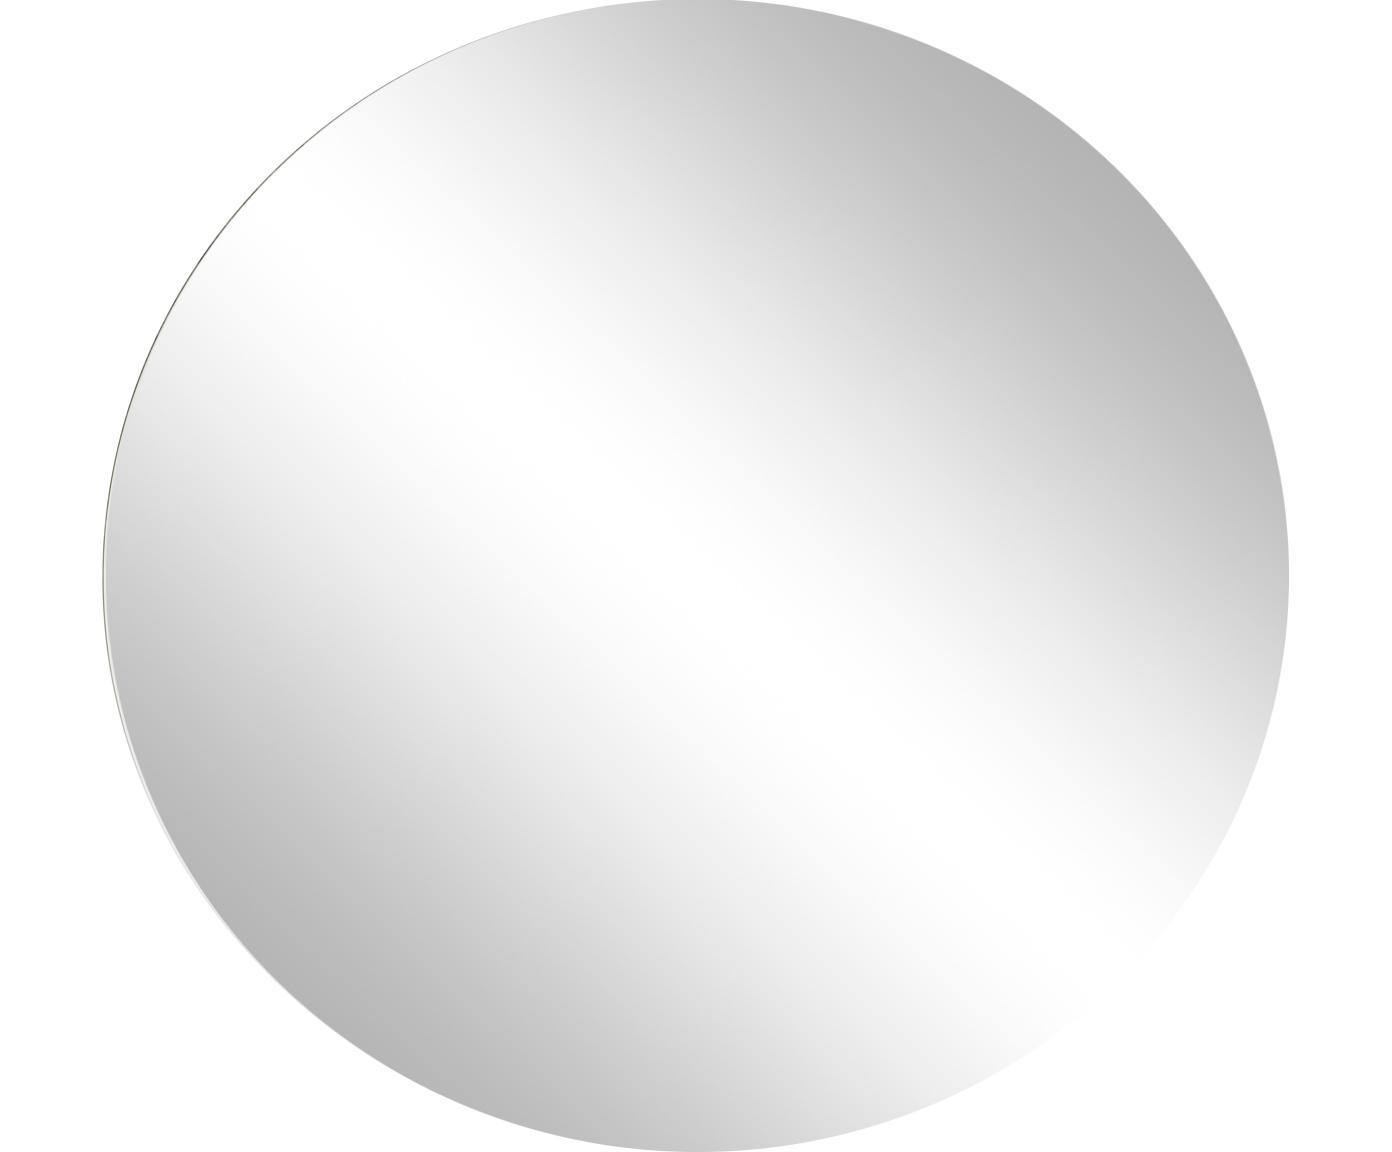 Espejo de pared Clarion, sin marco, Vidrio, Espejo, An 50 x Al 1 cm